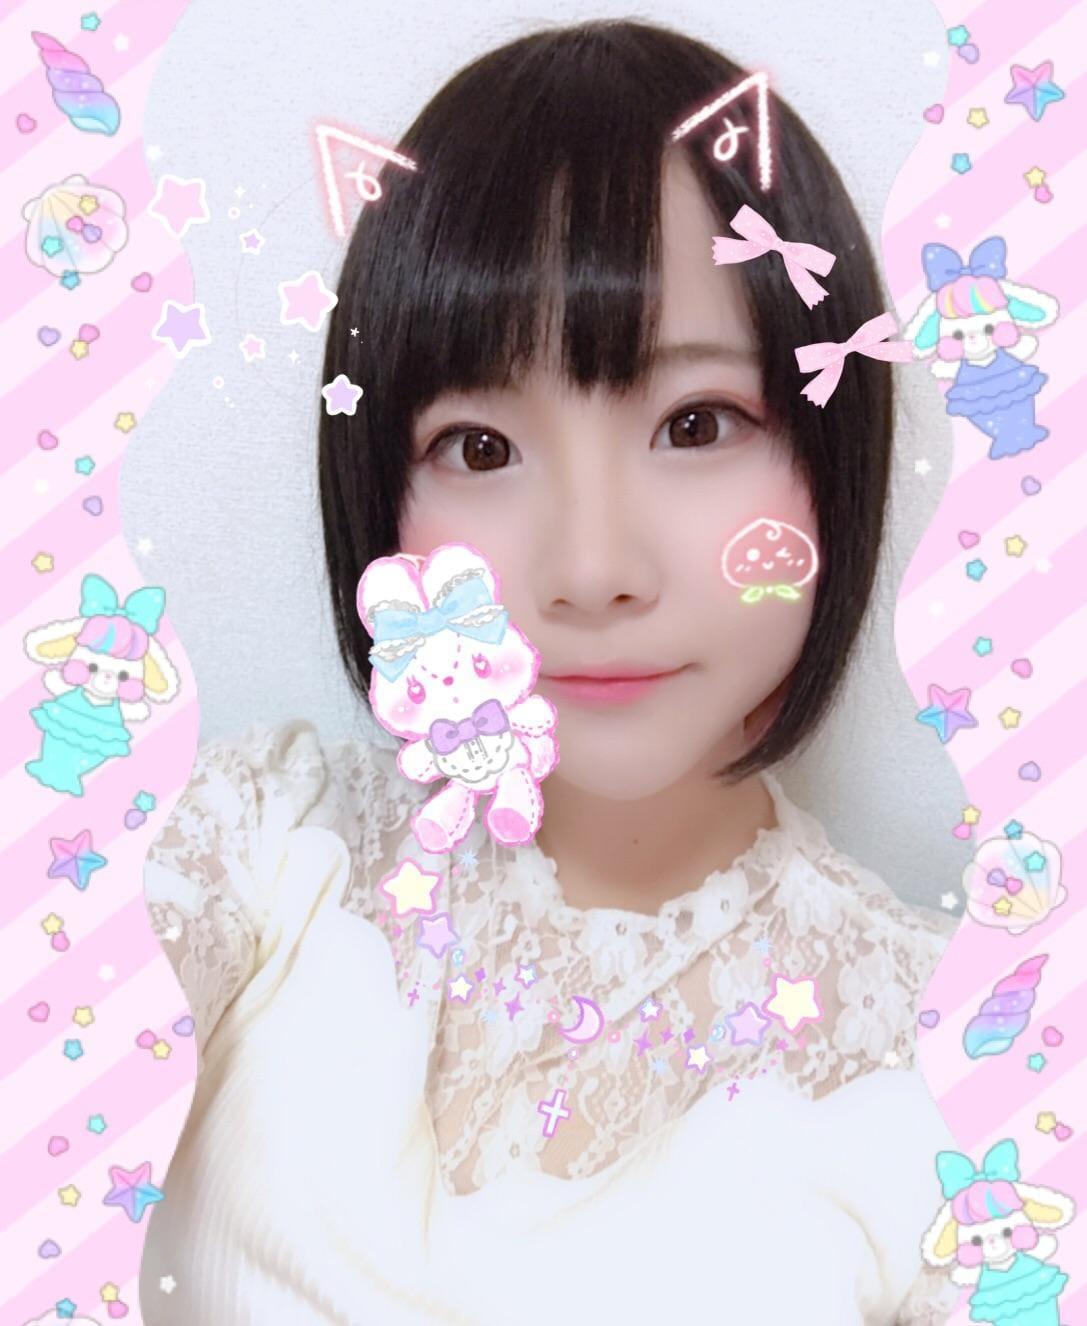 「20時から!」08/19(日) 18:01   みわの写メ・風俗動画